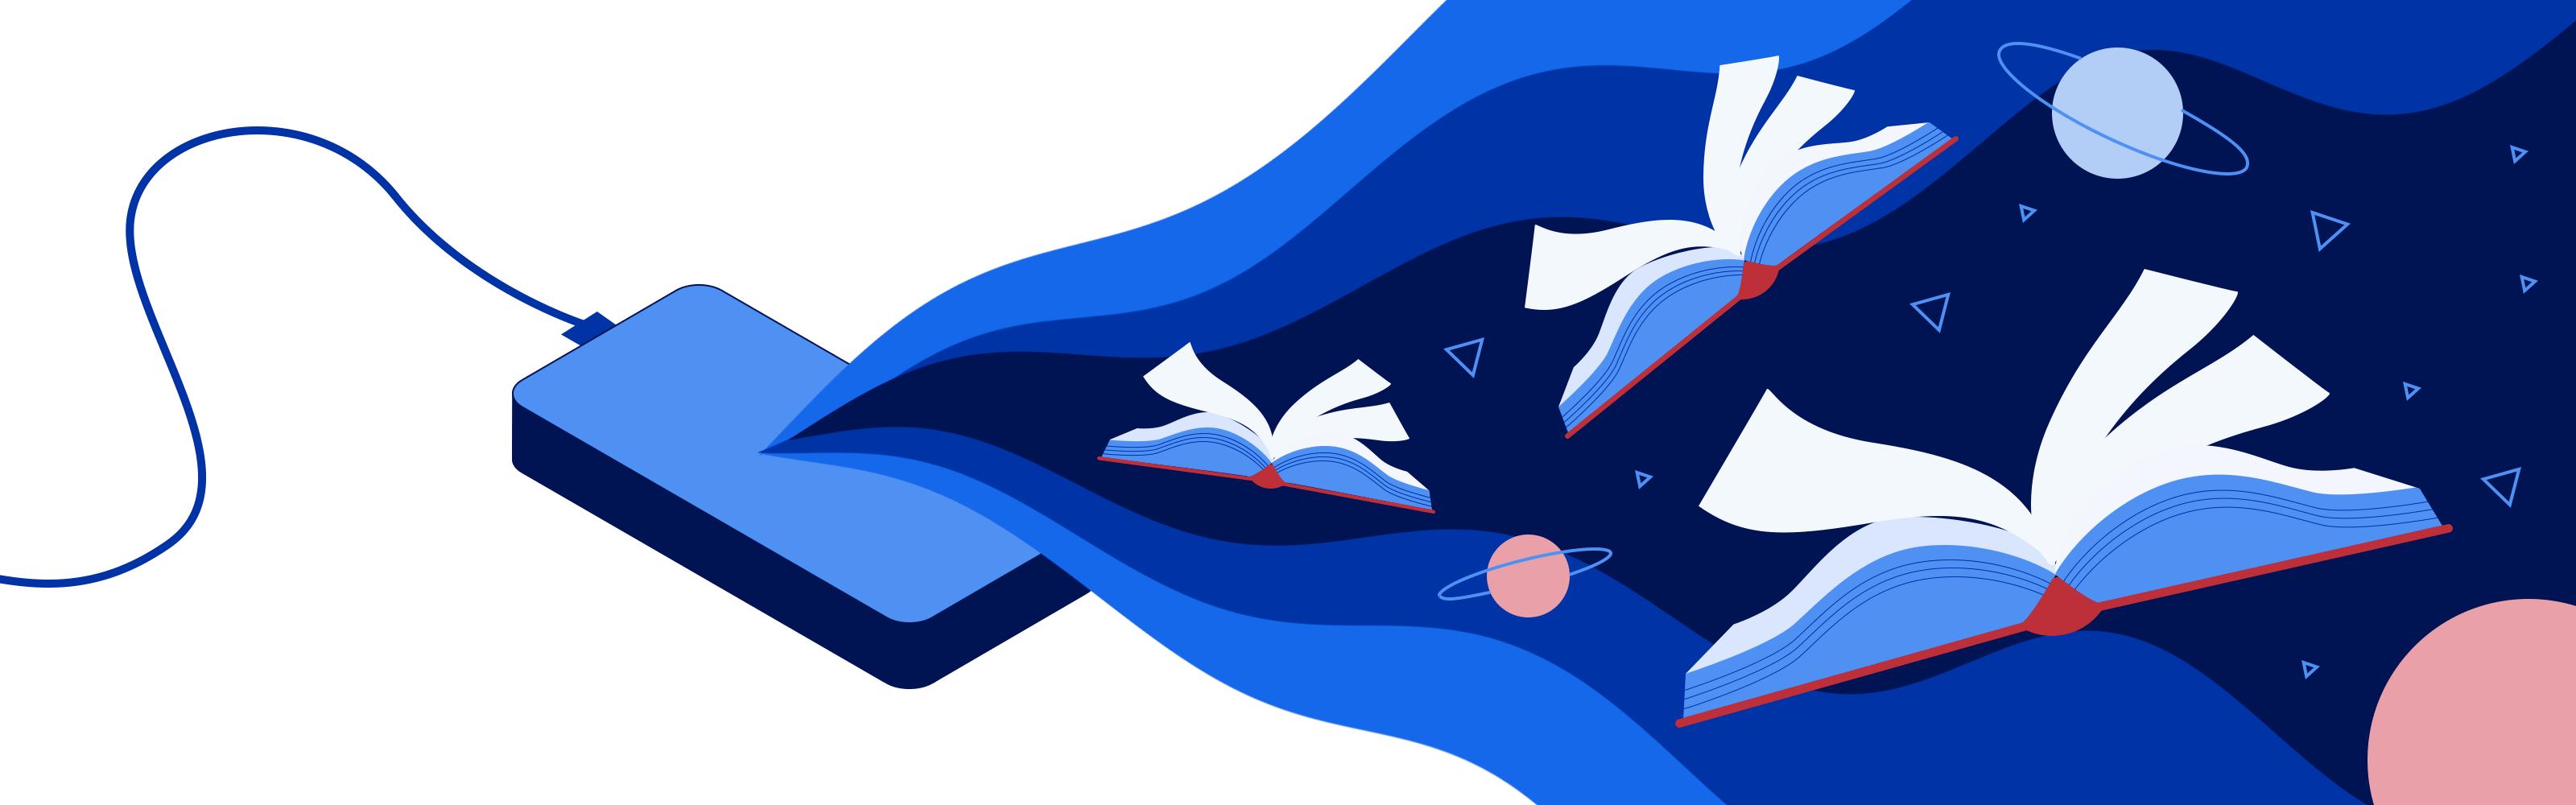 Illustration - E-learning App